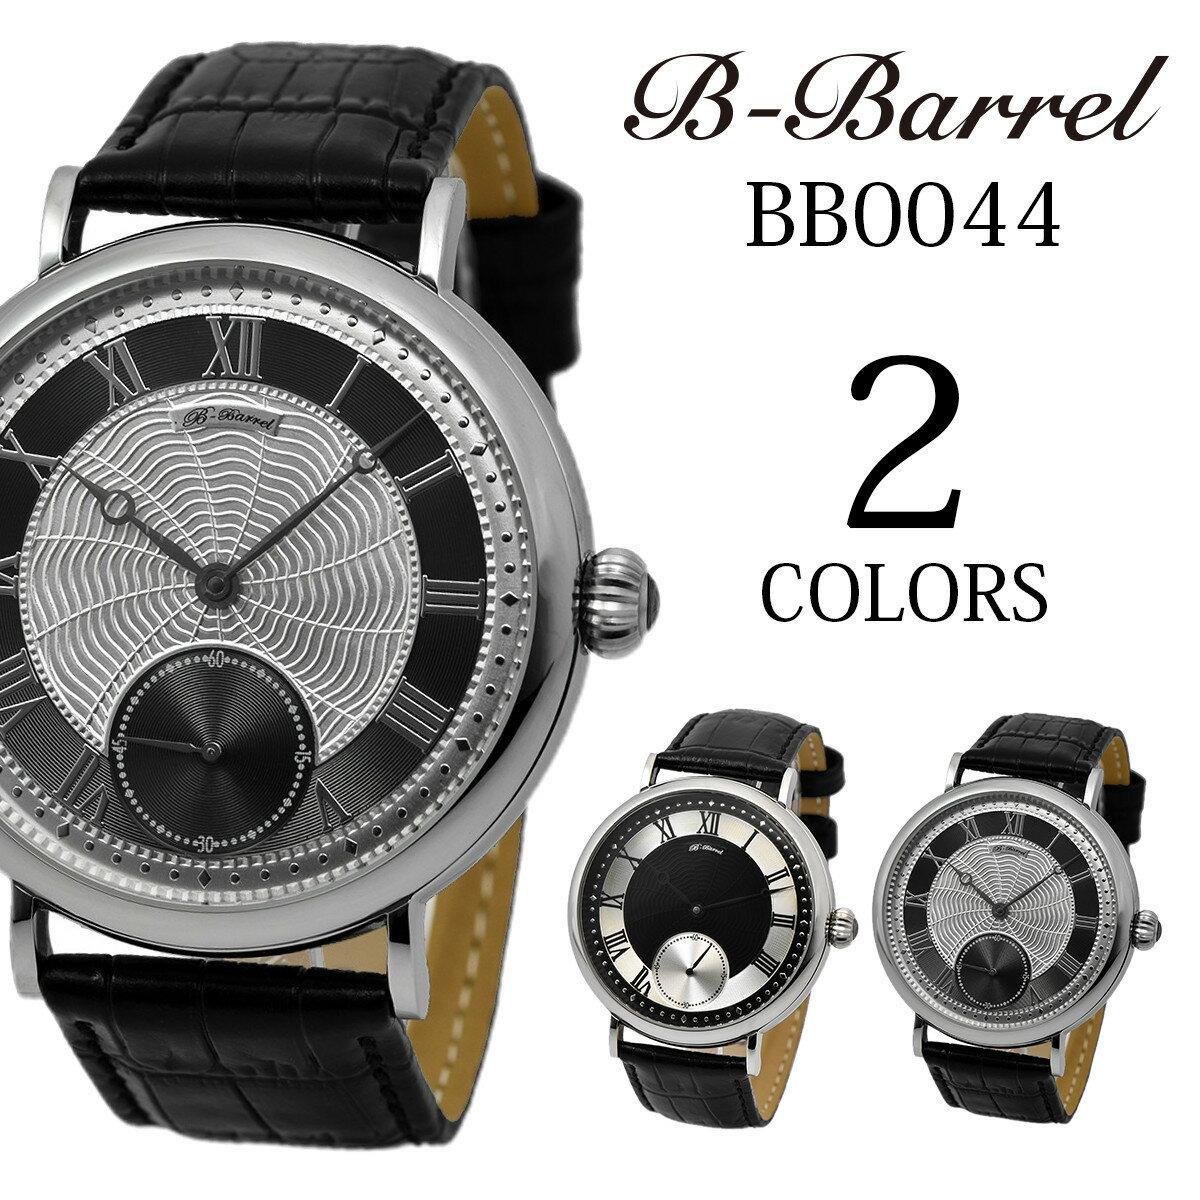 B-Barrel ビーバレル BB0044 手巻き式ムーブメント ロング緩急針 生産終了モデル プレゼント 贈り物 ギフト メンズ [国内正規品][送料無料][あす楽]